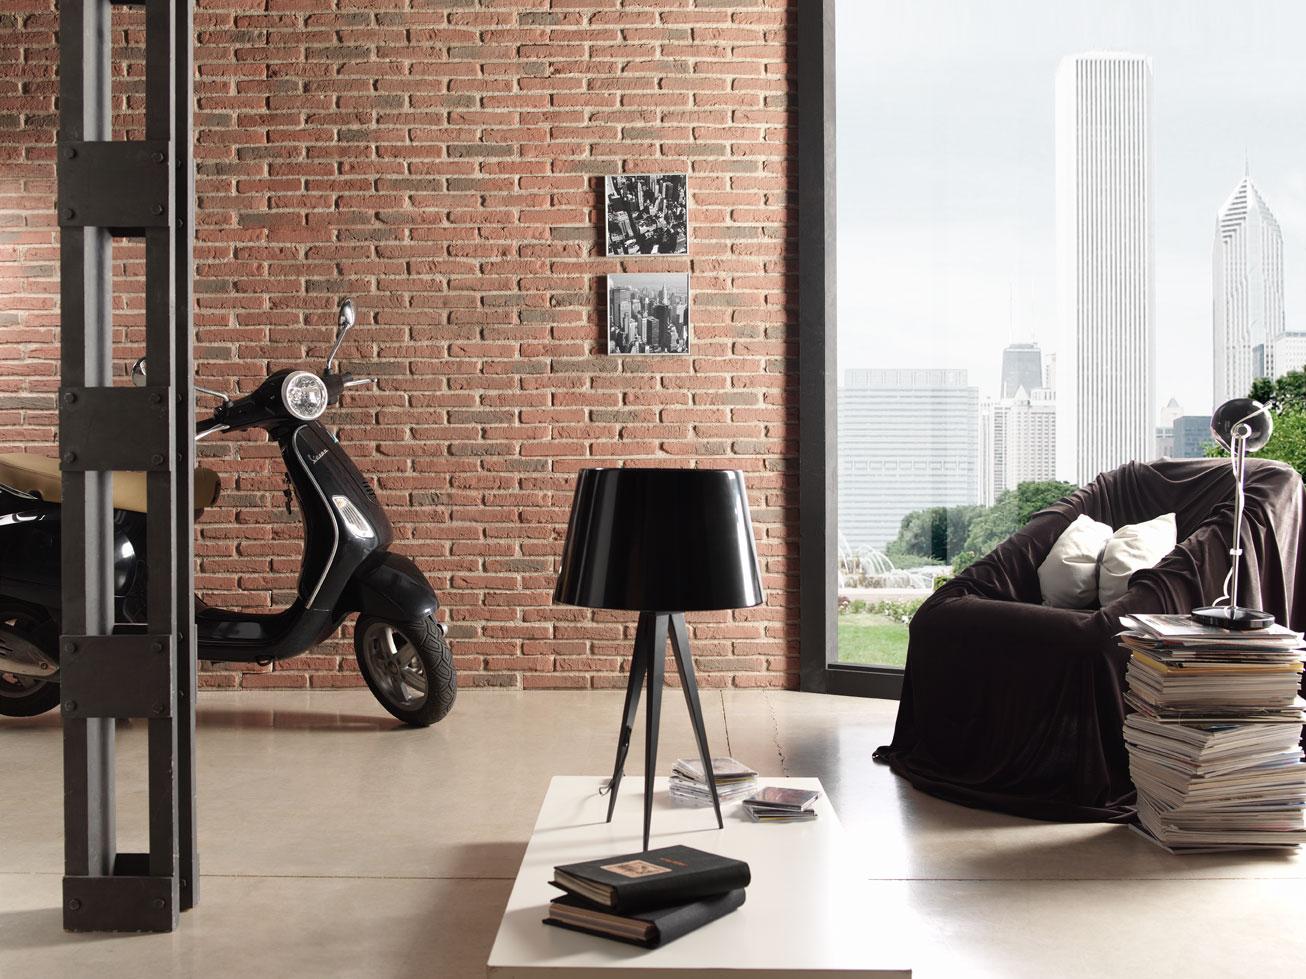 Oder Umgekehrt Eine Ziegelsteinoptik Fügt Sich Auch Perfekt In Eine Modern  Eingerichtete Wohnung Ein.